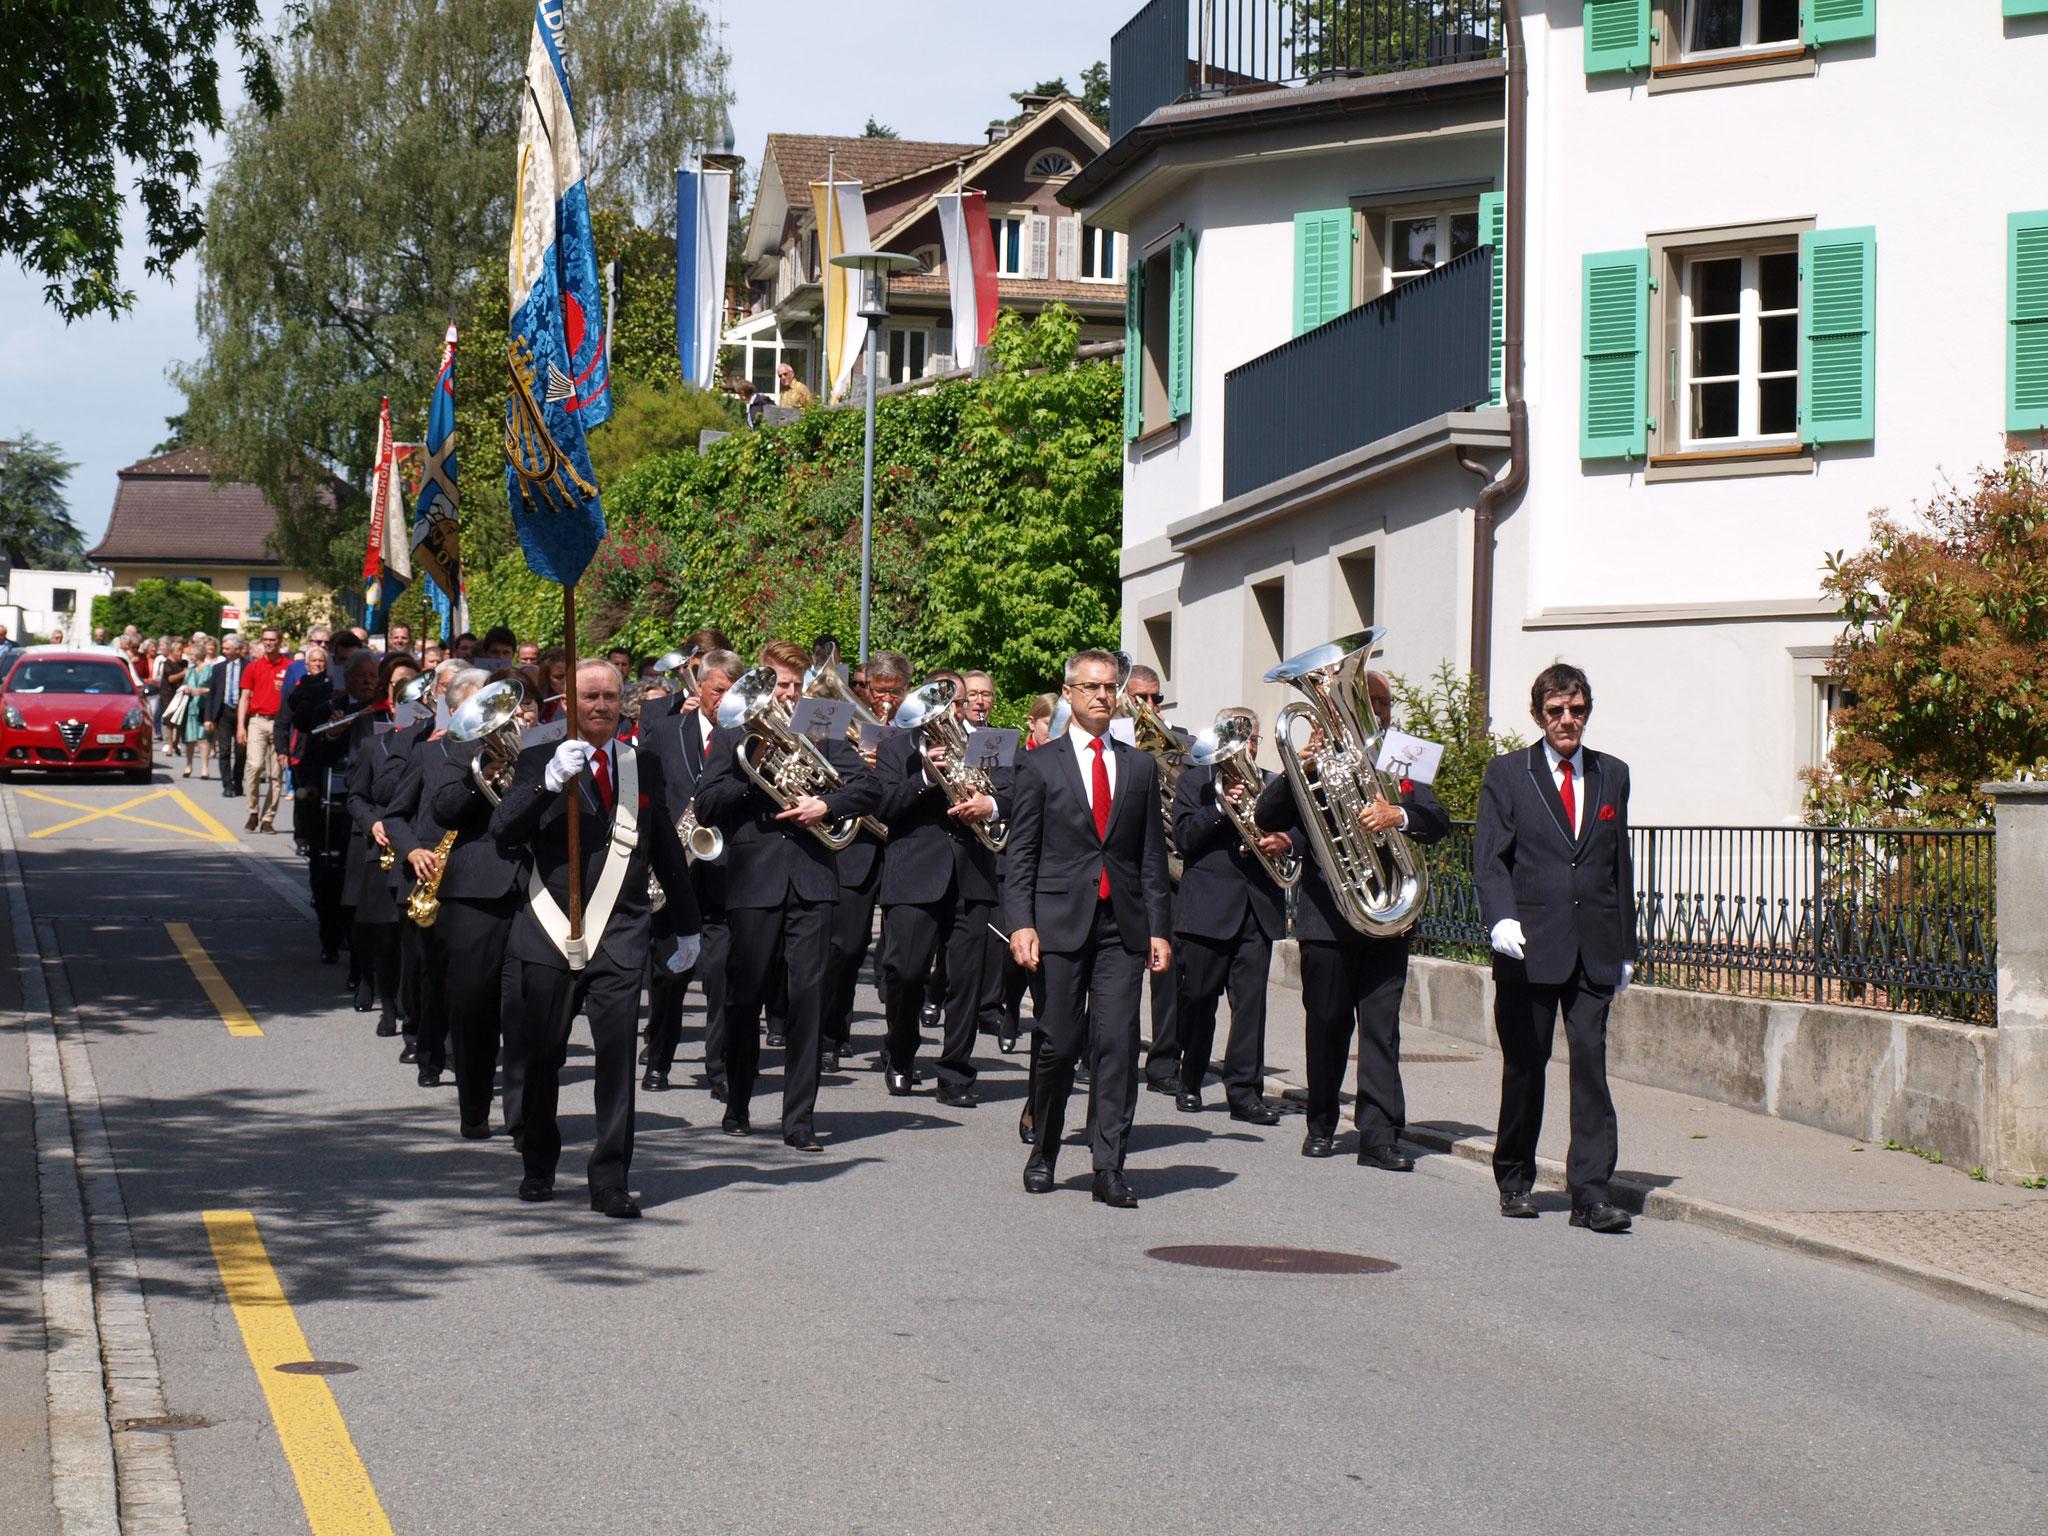 Mit Marschmusik ging es zum Pavillon.